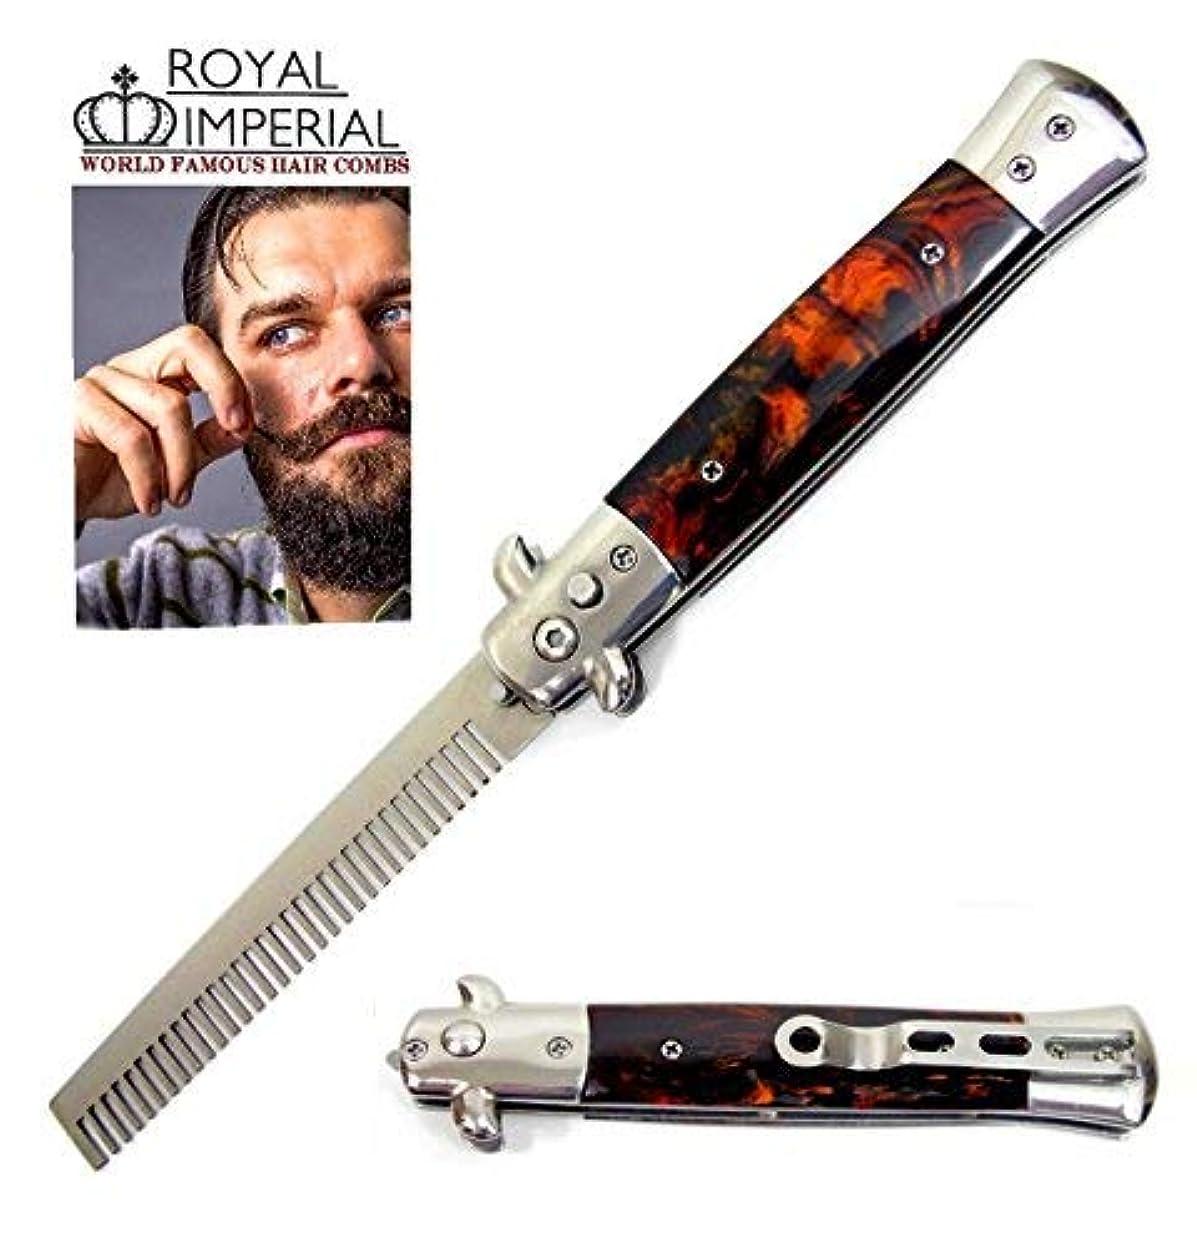 治療準拠うまくやる()Royal Imperial Metal Switchblade Pocket Folding Flick Hair Comb For Beard, Mustache, Head TORTOISE SHELL FIRE Handle ~ INCLUDES Beard Fact Wallet Book ~ Nicer Than Butterfly Knife Trainer [並行輸入品]